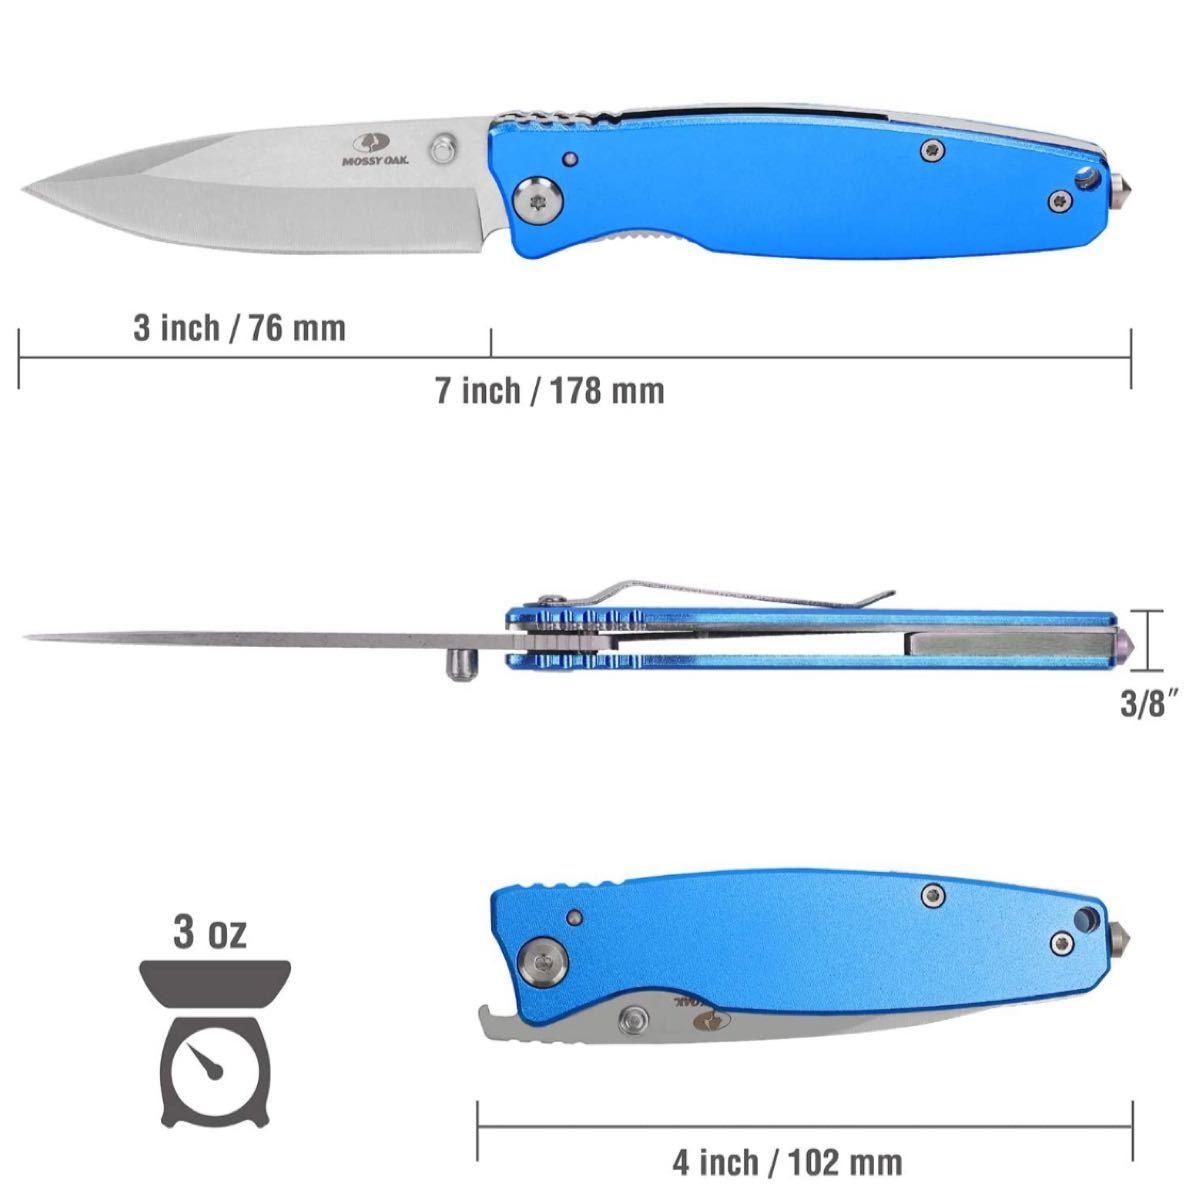 折りたたみナイフ フォールディングナイフ 3-IN-1多機能ナイフ 栓抜き ブルー